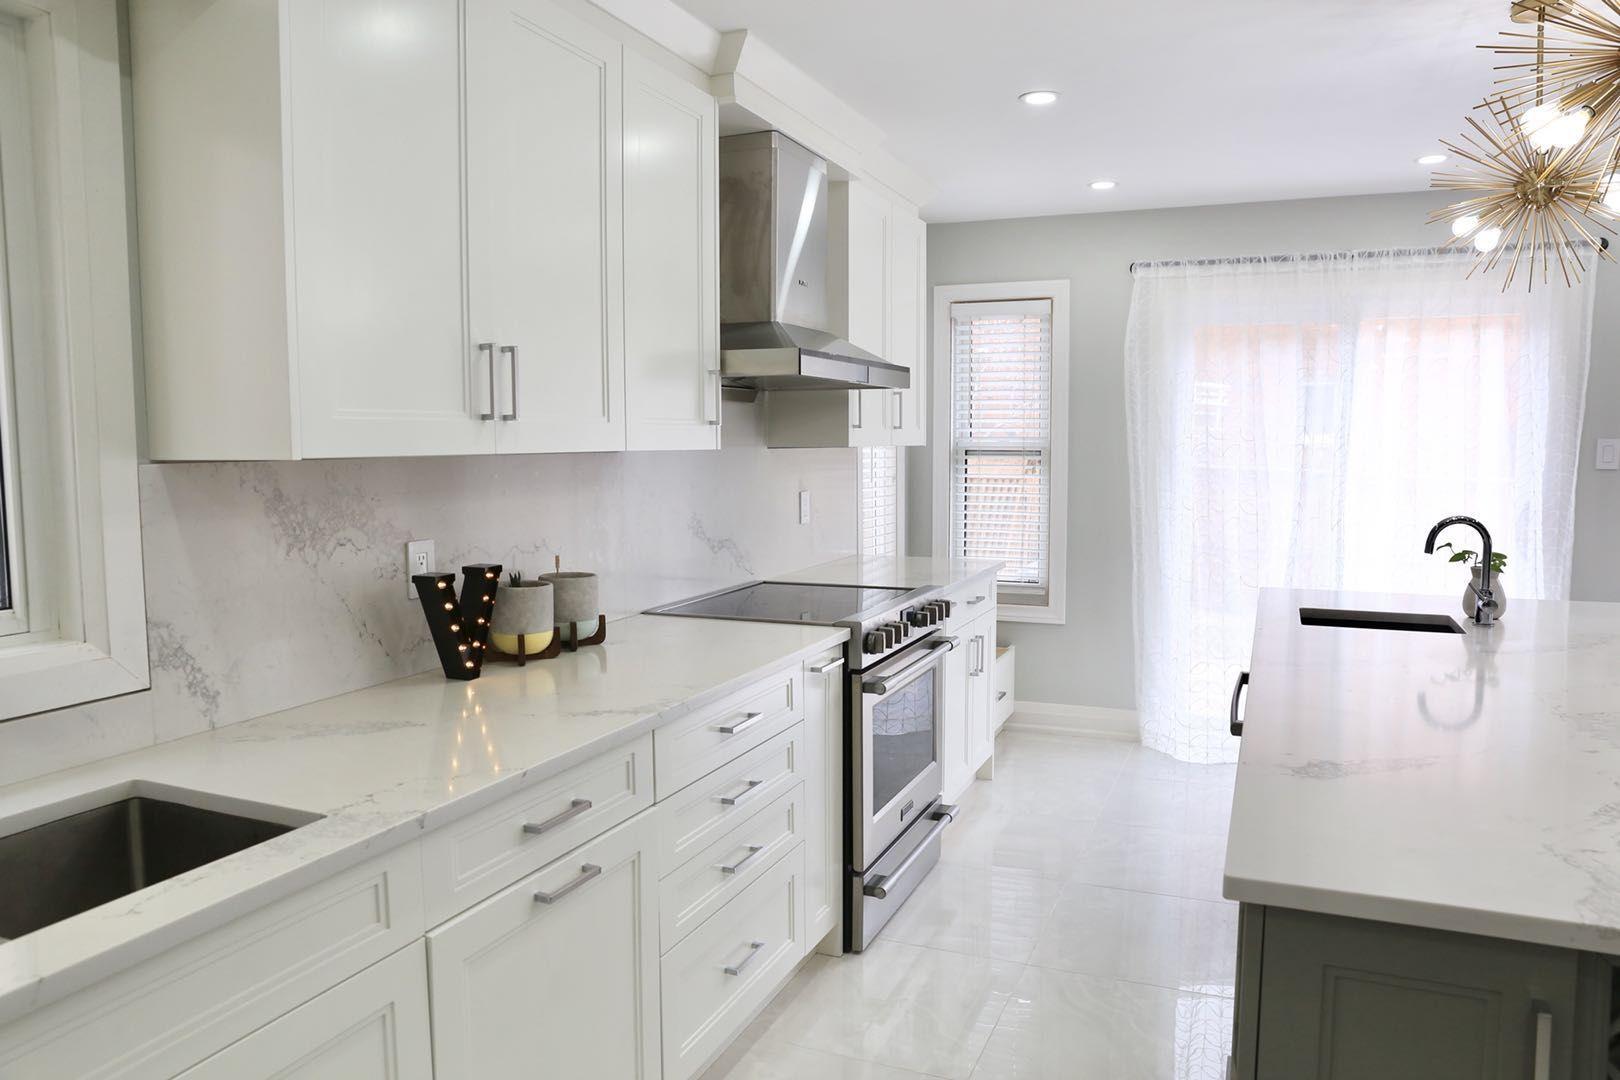 Classic Minimalism Kitchen Style